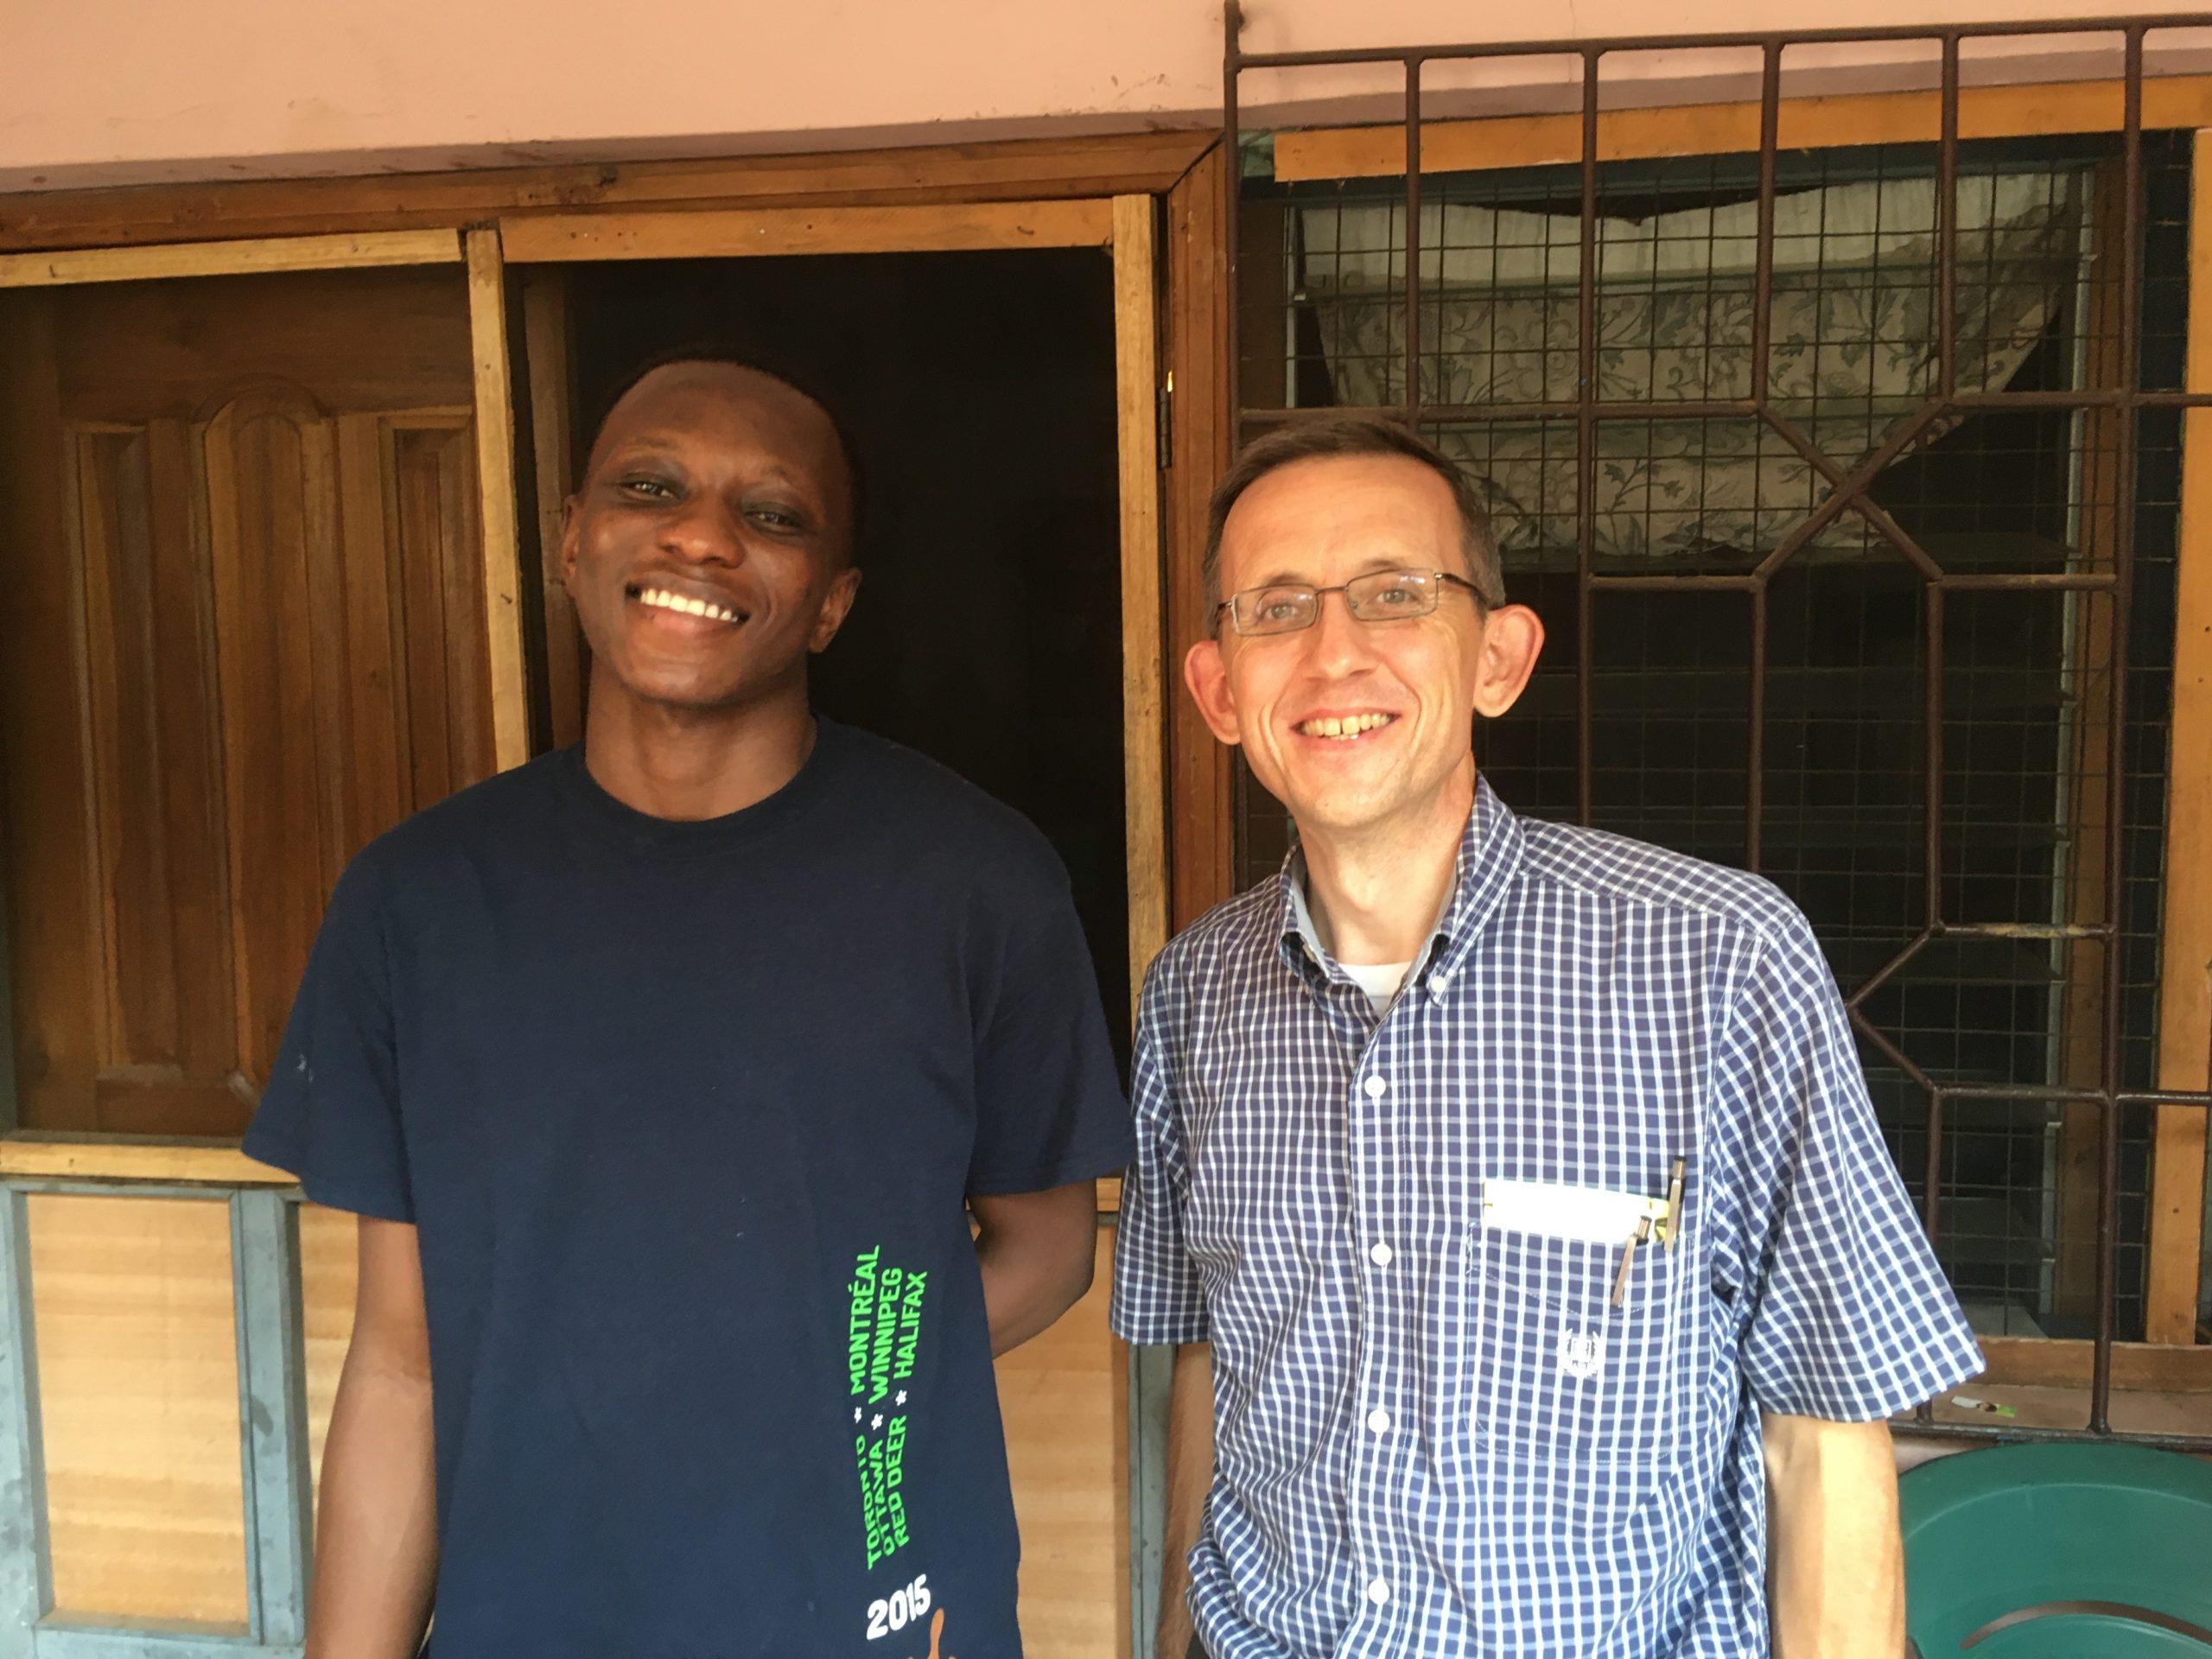 Kwaku Trusted Christ